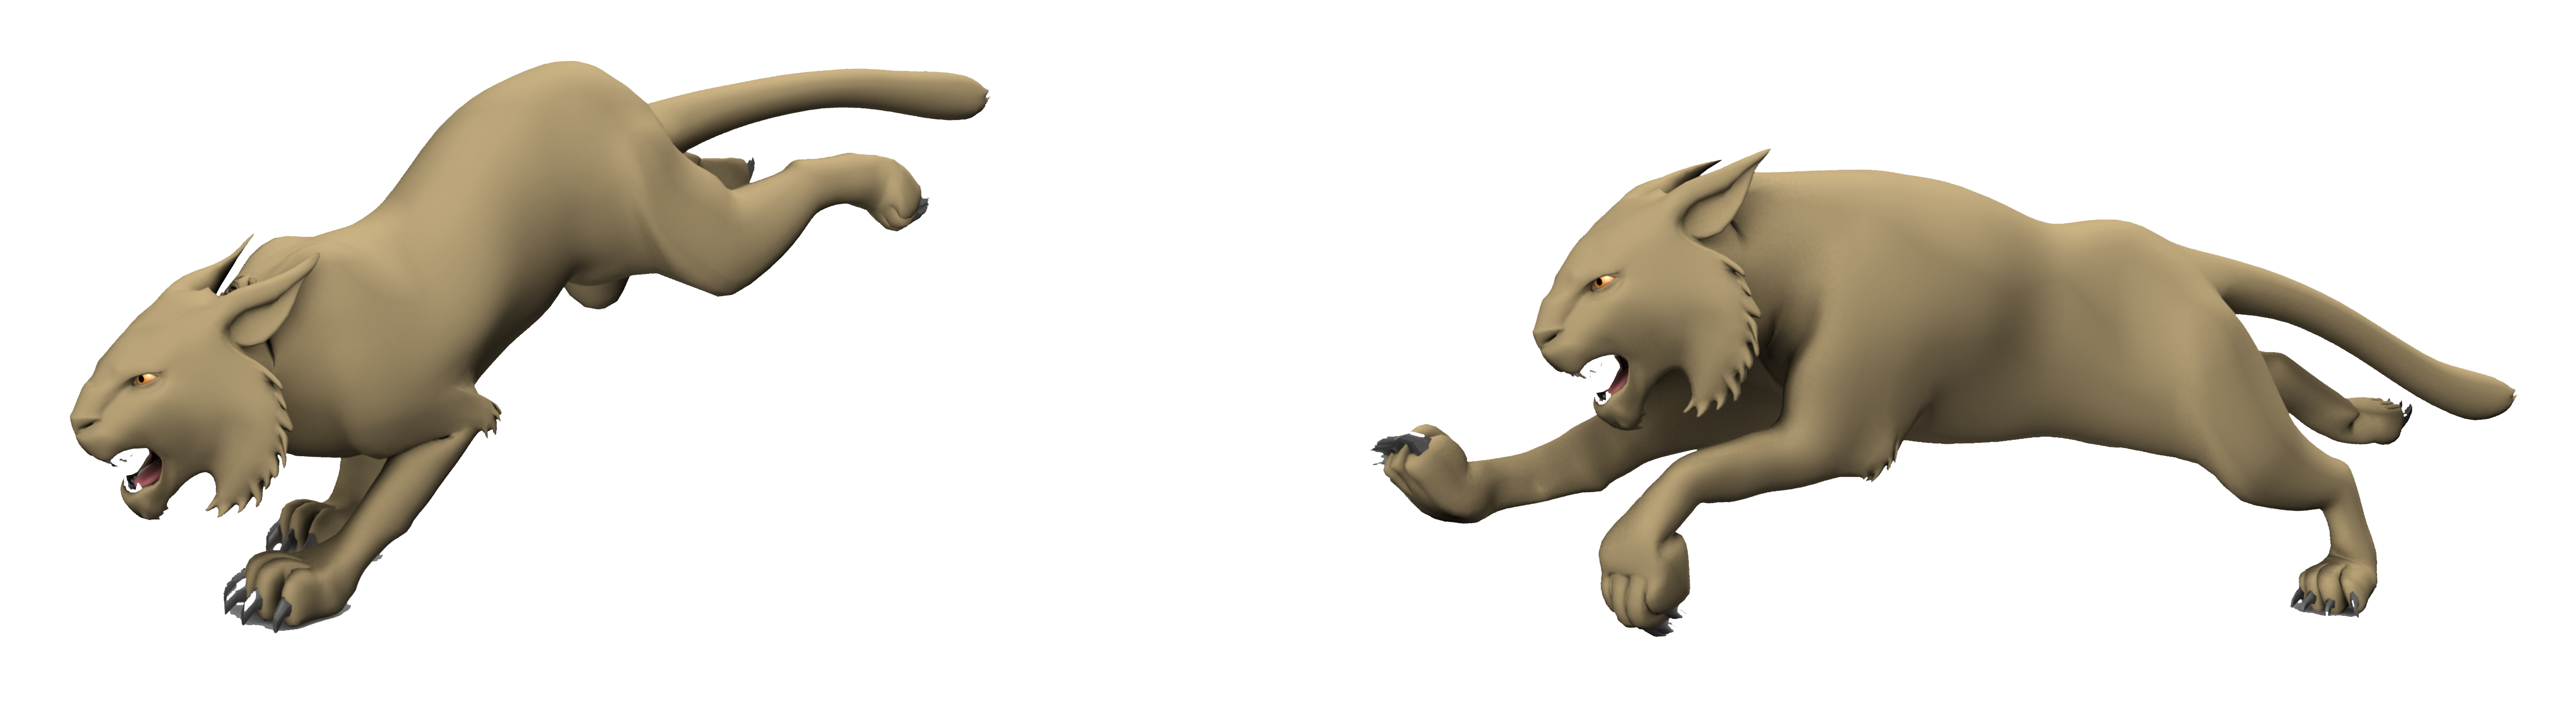 картинки с прыгающими животными анимации строительстве